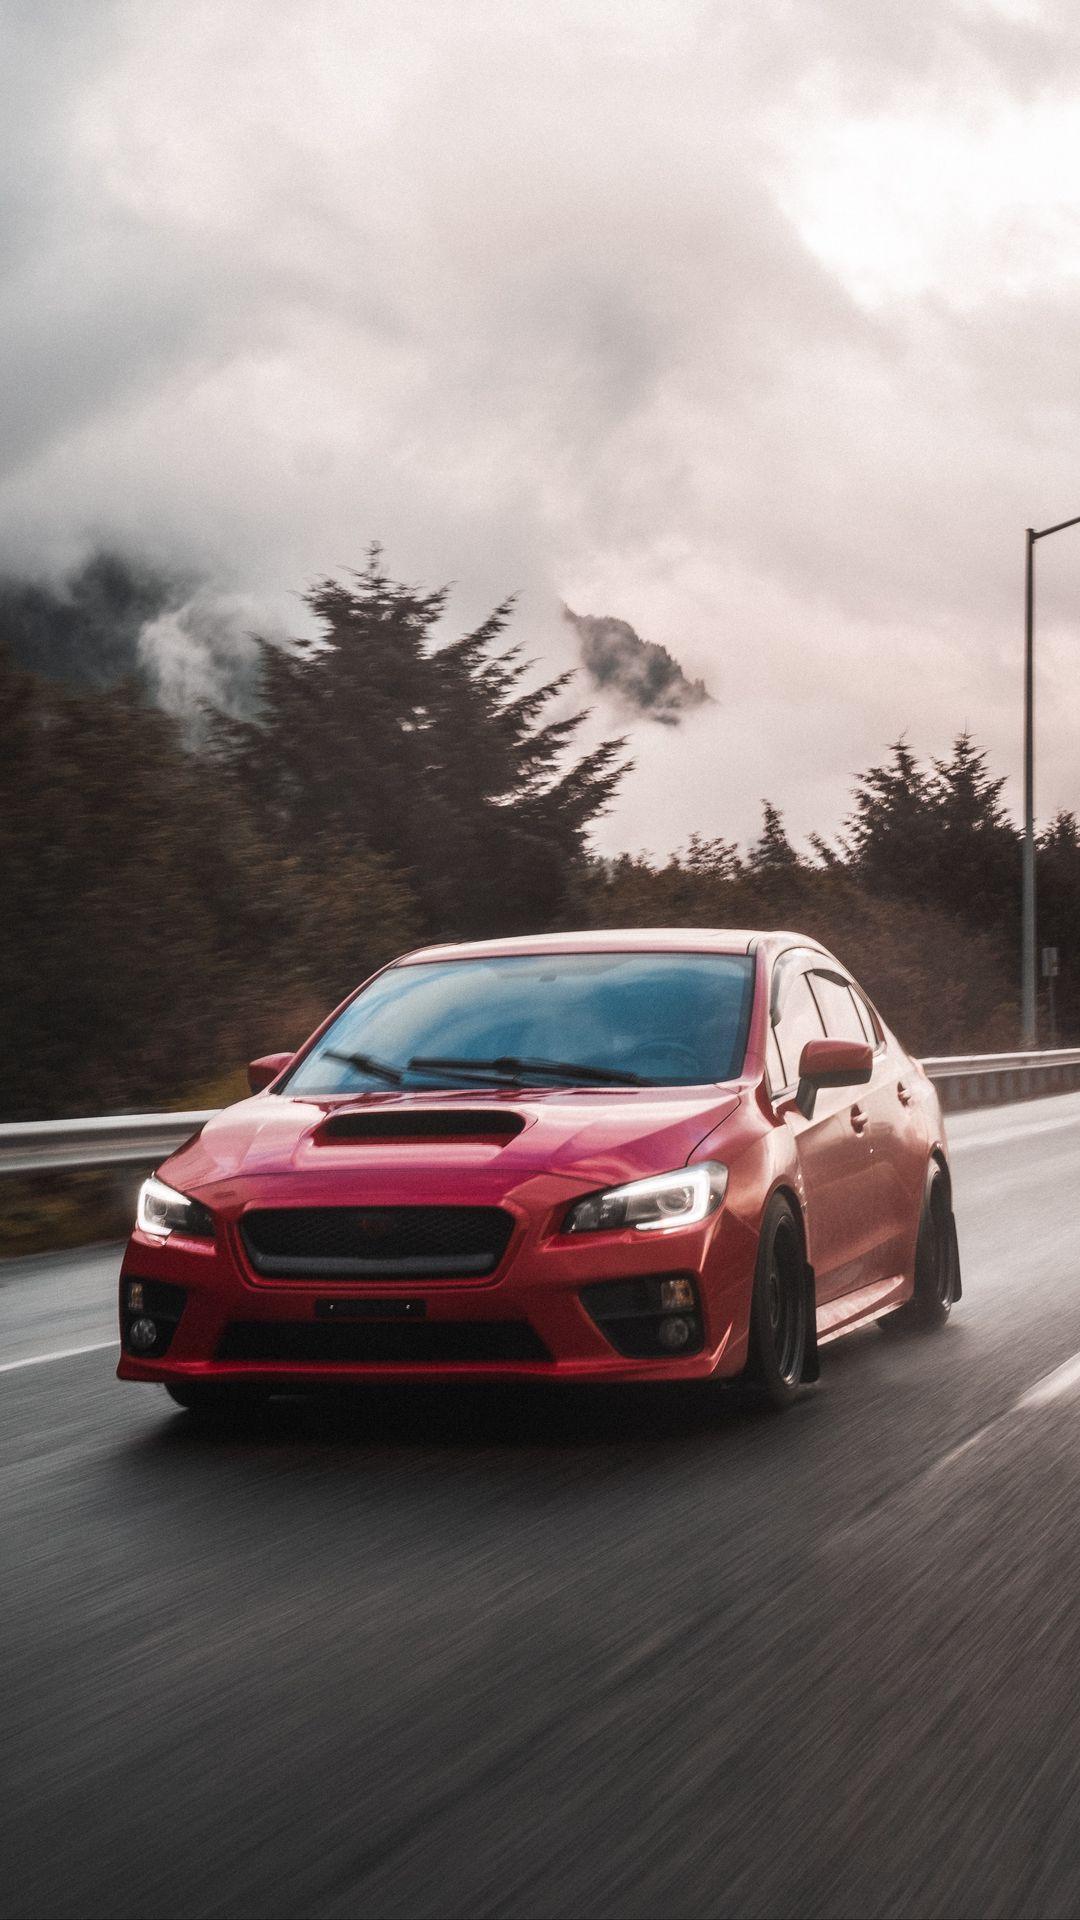 Subaru 4K Ultra HD Wallpapers Download